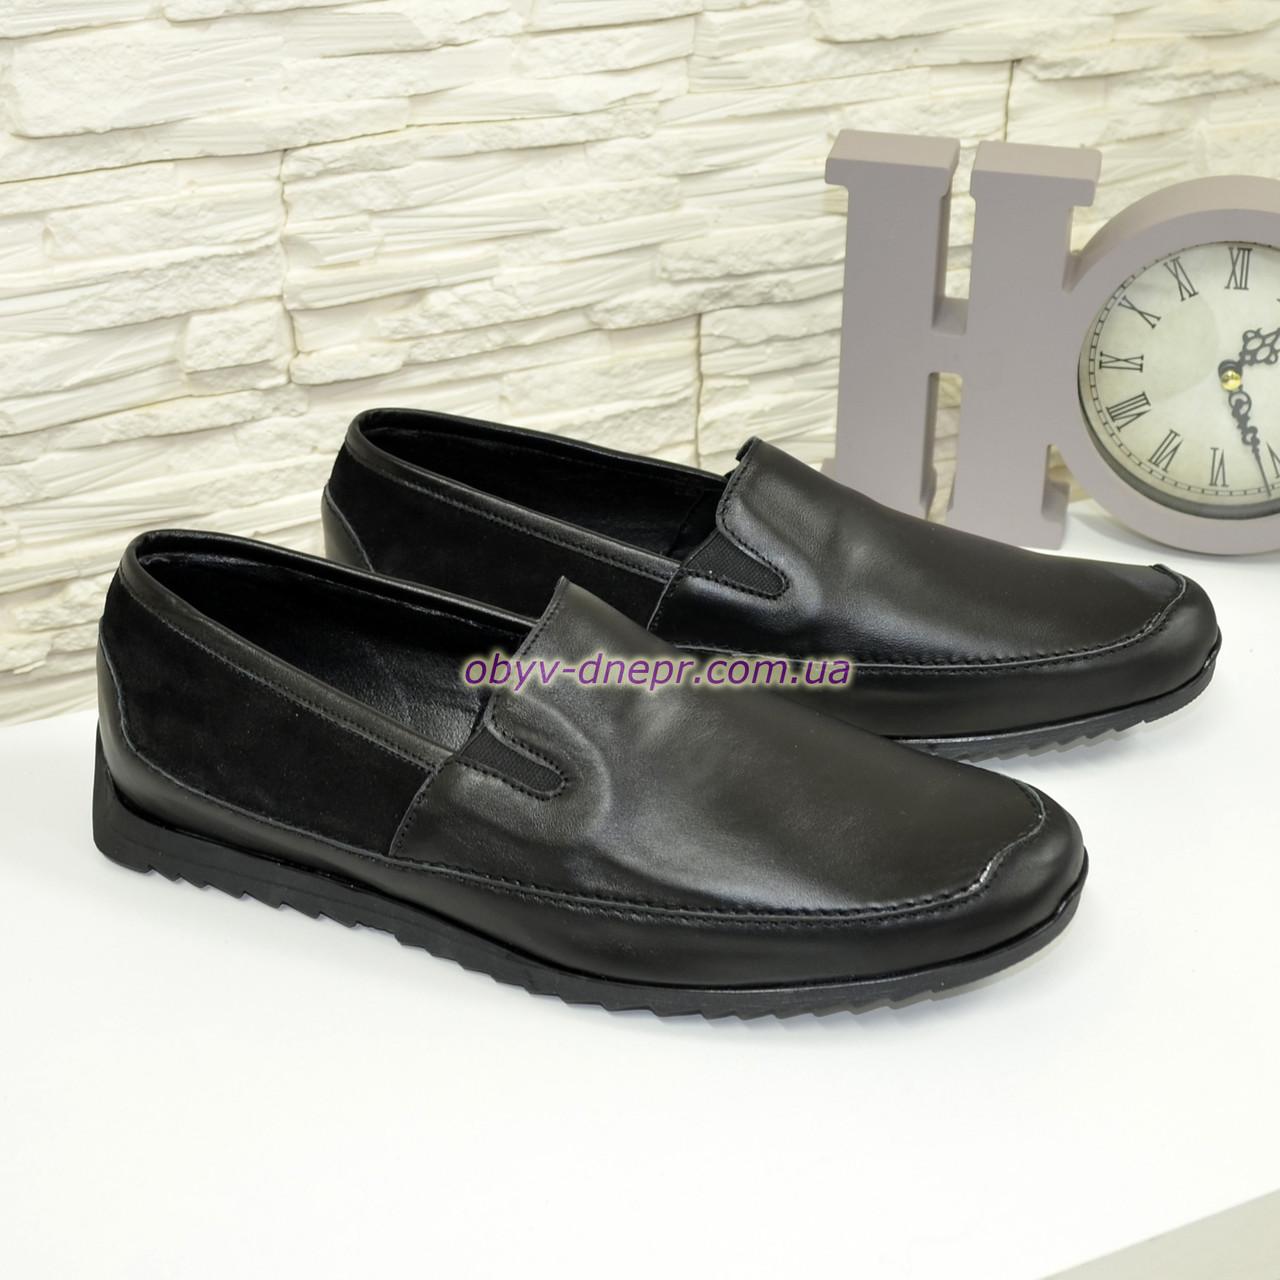 Мужские комбинированные туфли-мокасины